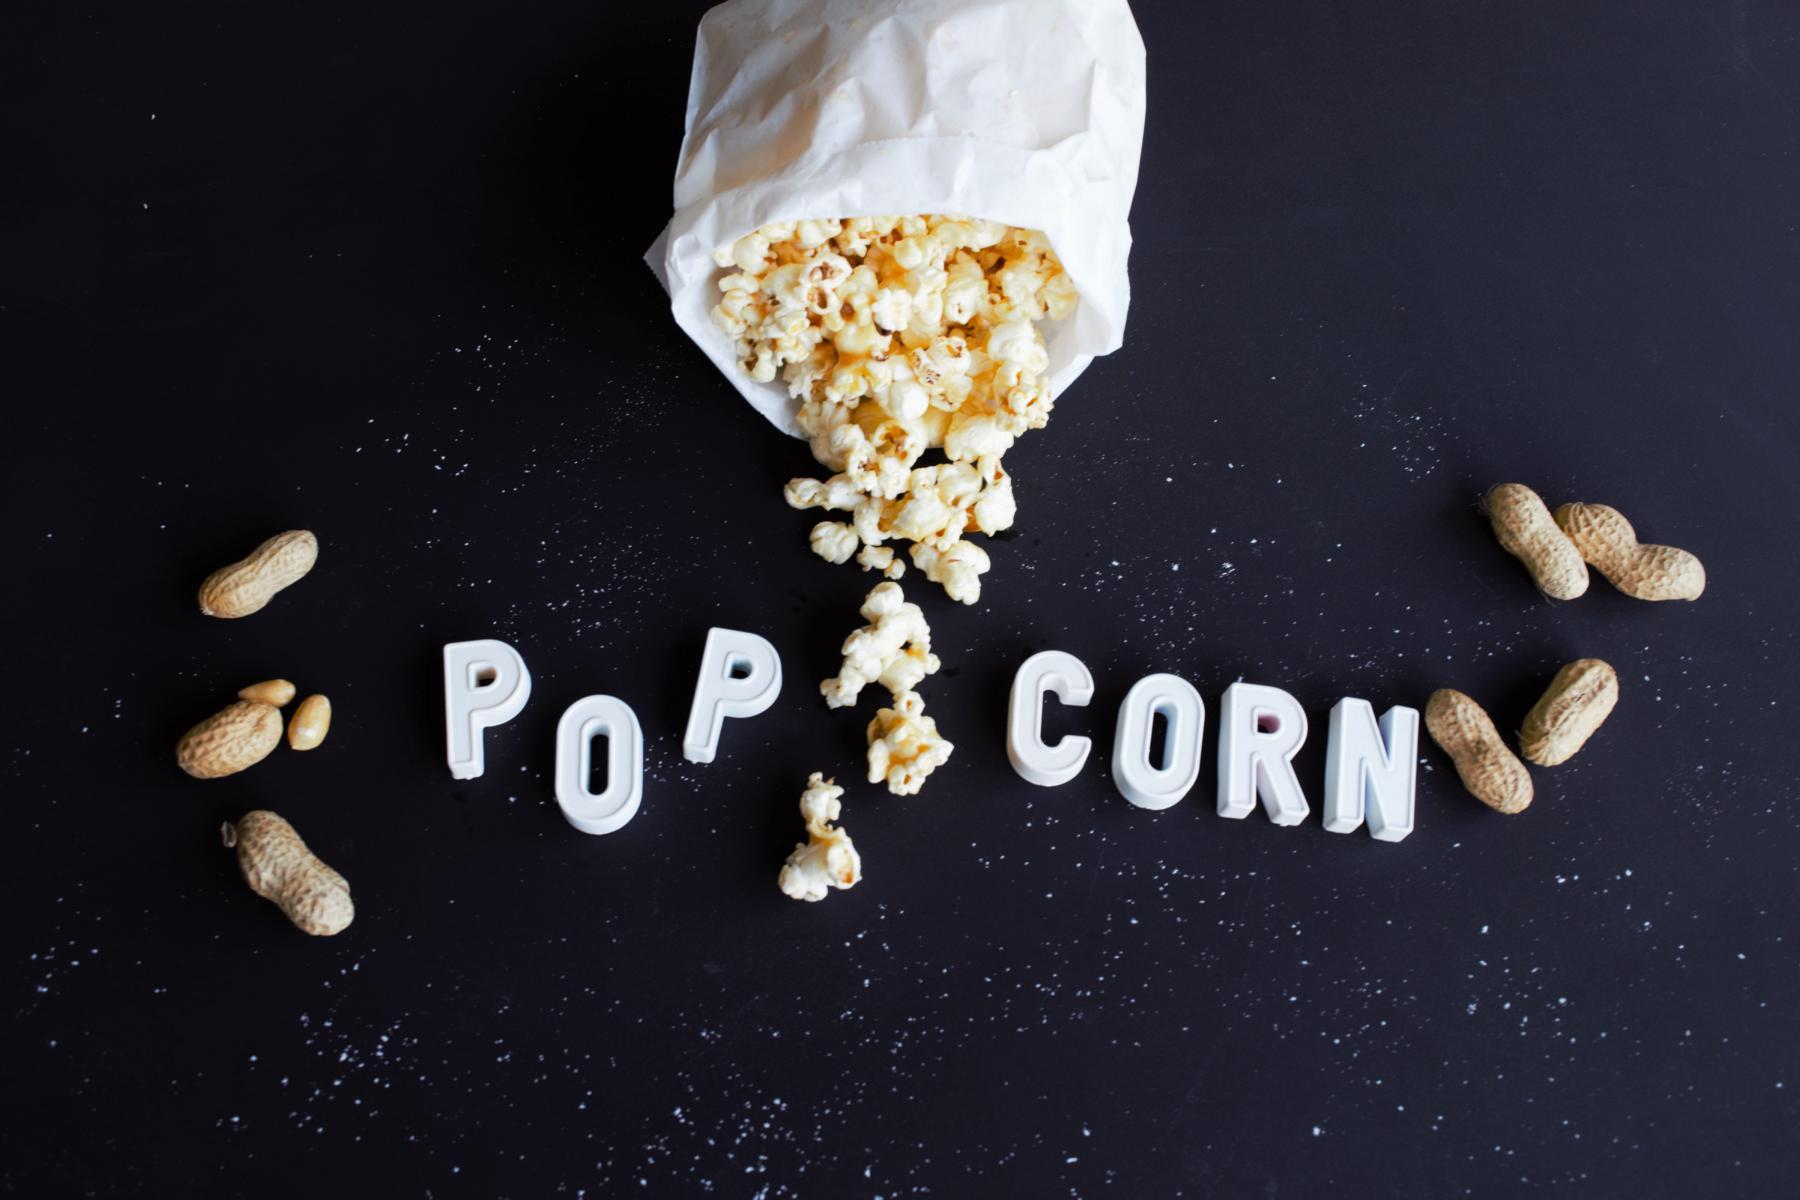 gesundes popcorn selber machen s salzig vegan frau janik. Black Bedroom Furniture Sets. Home Design Ideas